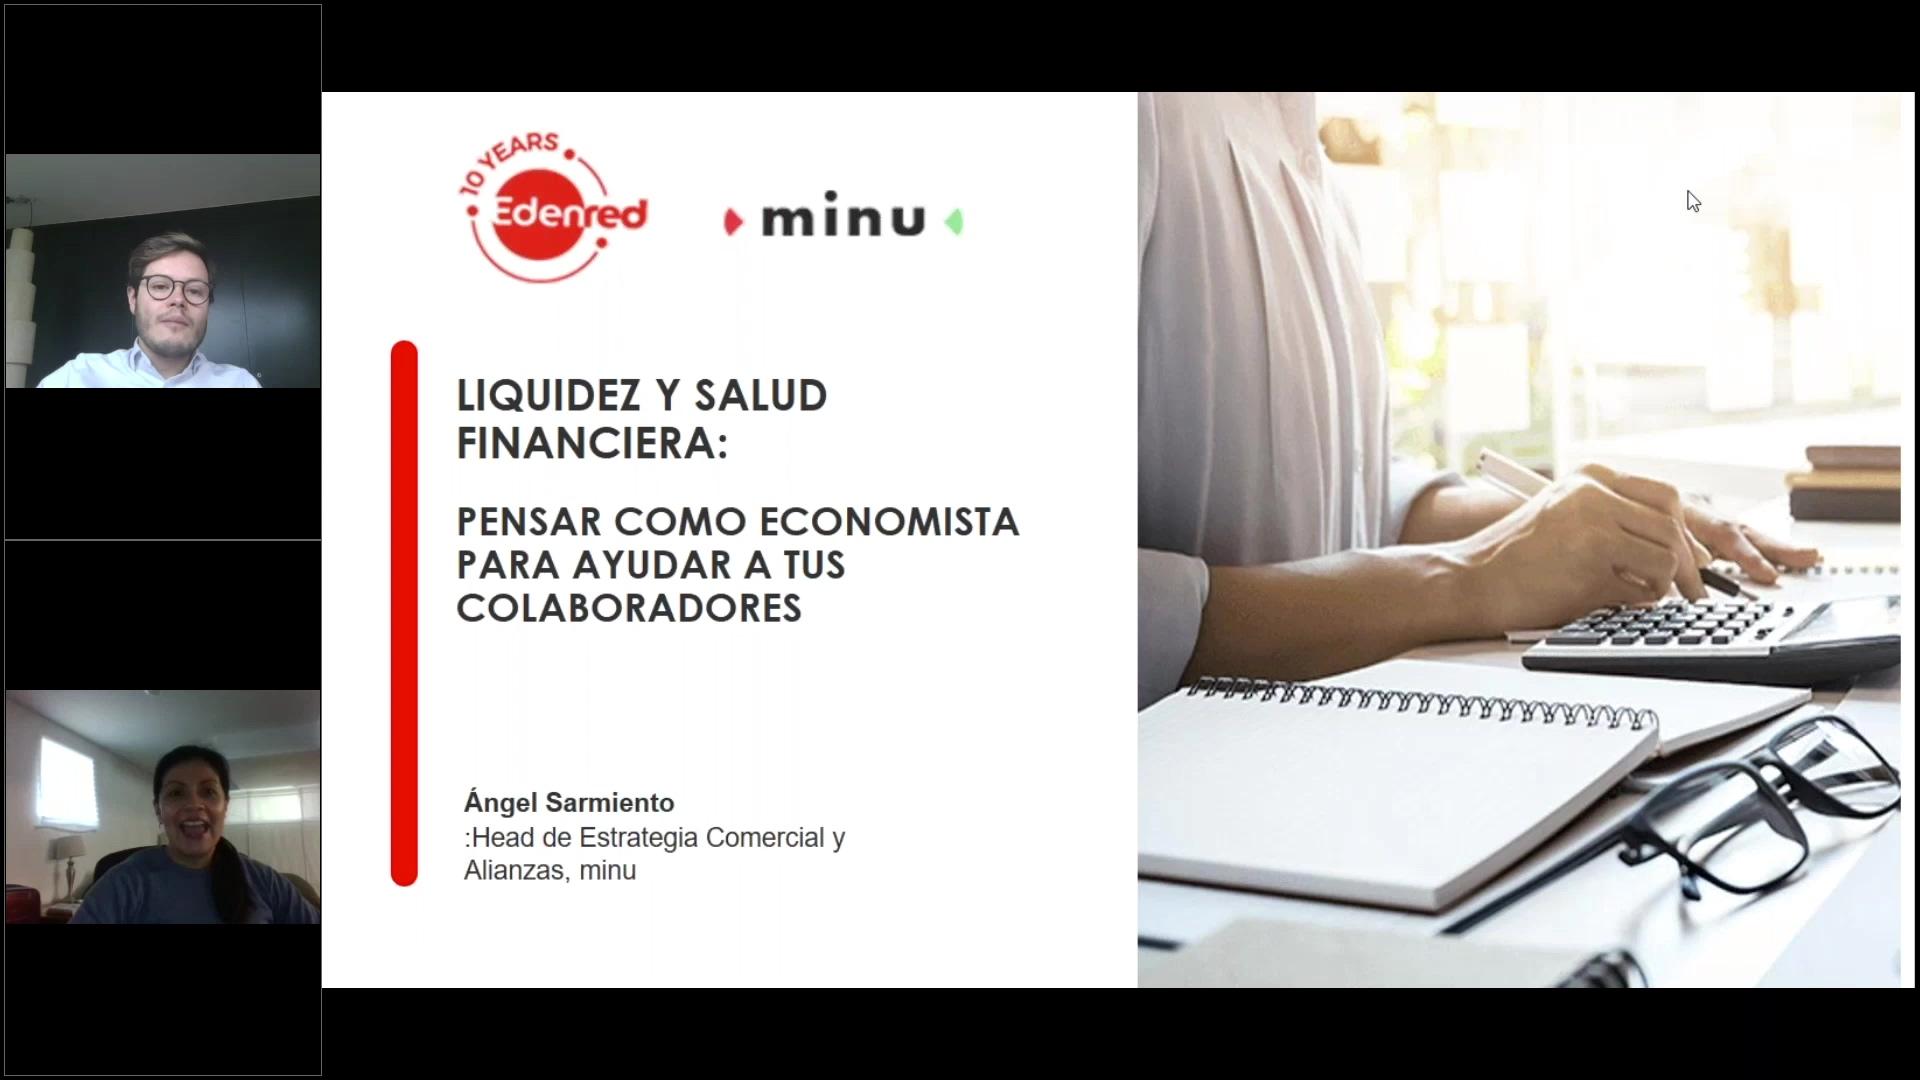 72 clip webinar Liquidez y salud financiera pensar como economista para ayudar a tus colaboradores